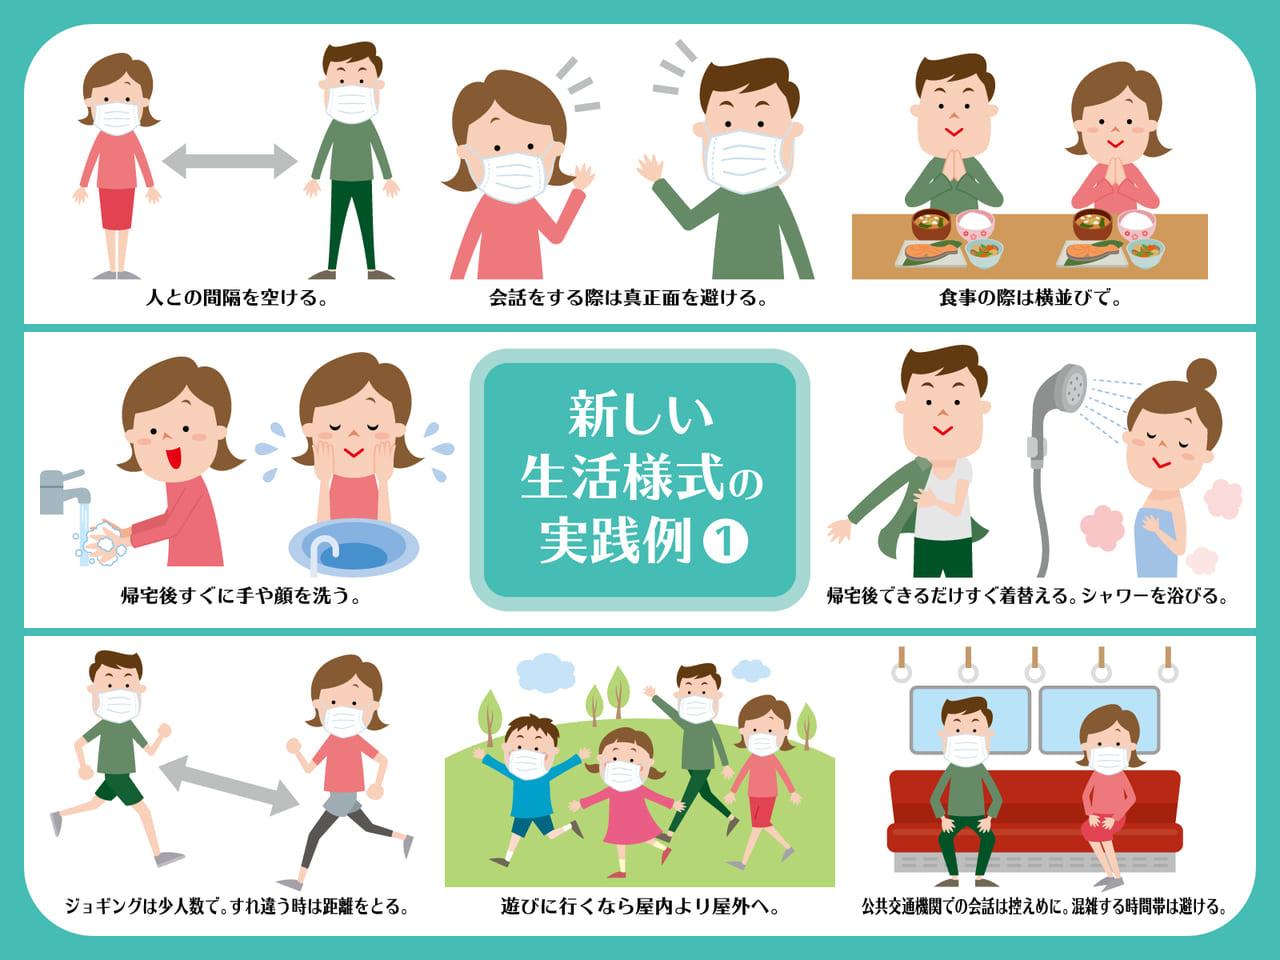 福岡 市 コロナ 感染 者 速報 福岡市 新型コロナウイルス感染症に関する情報(トップ)